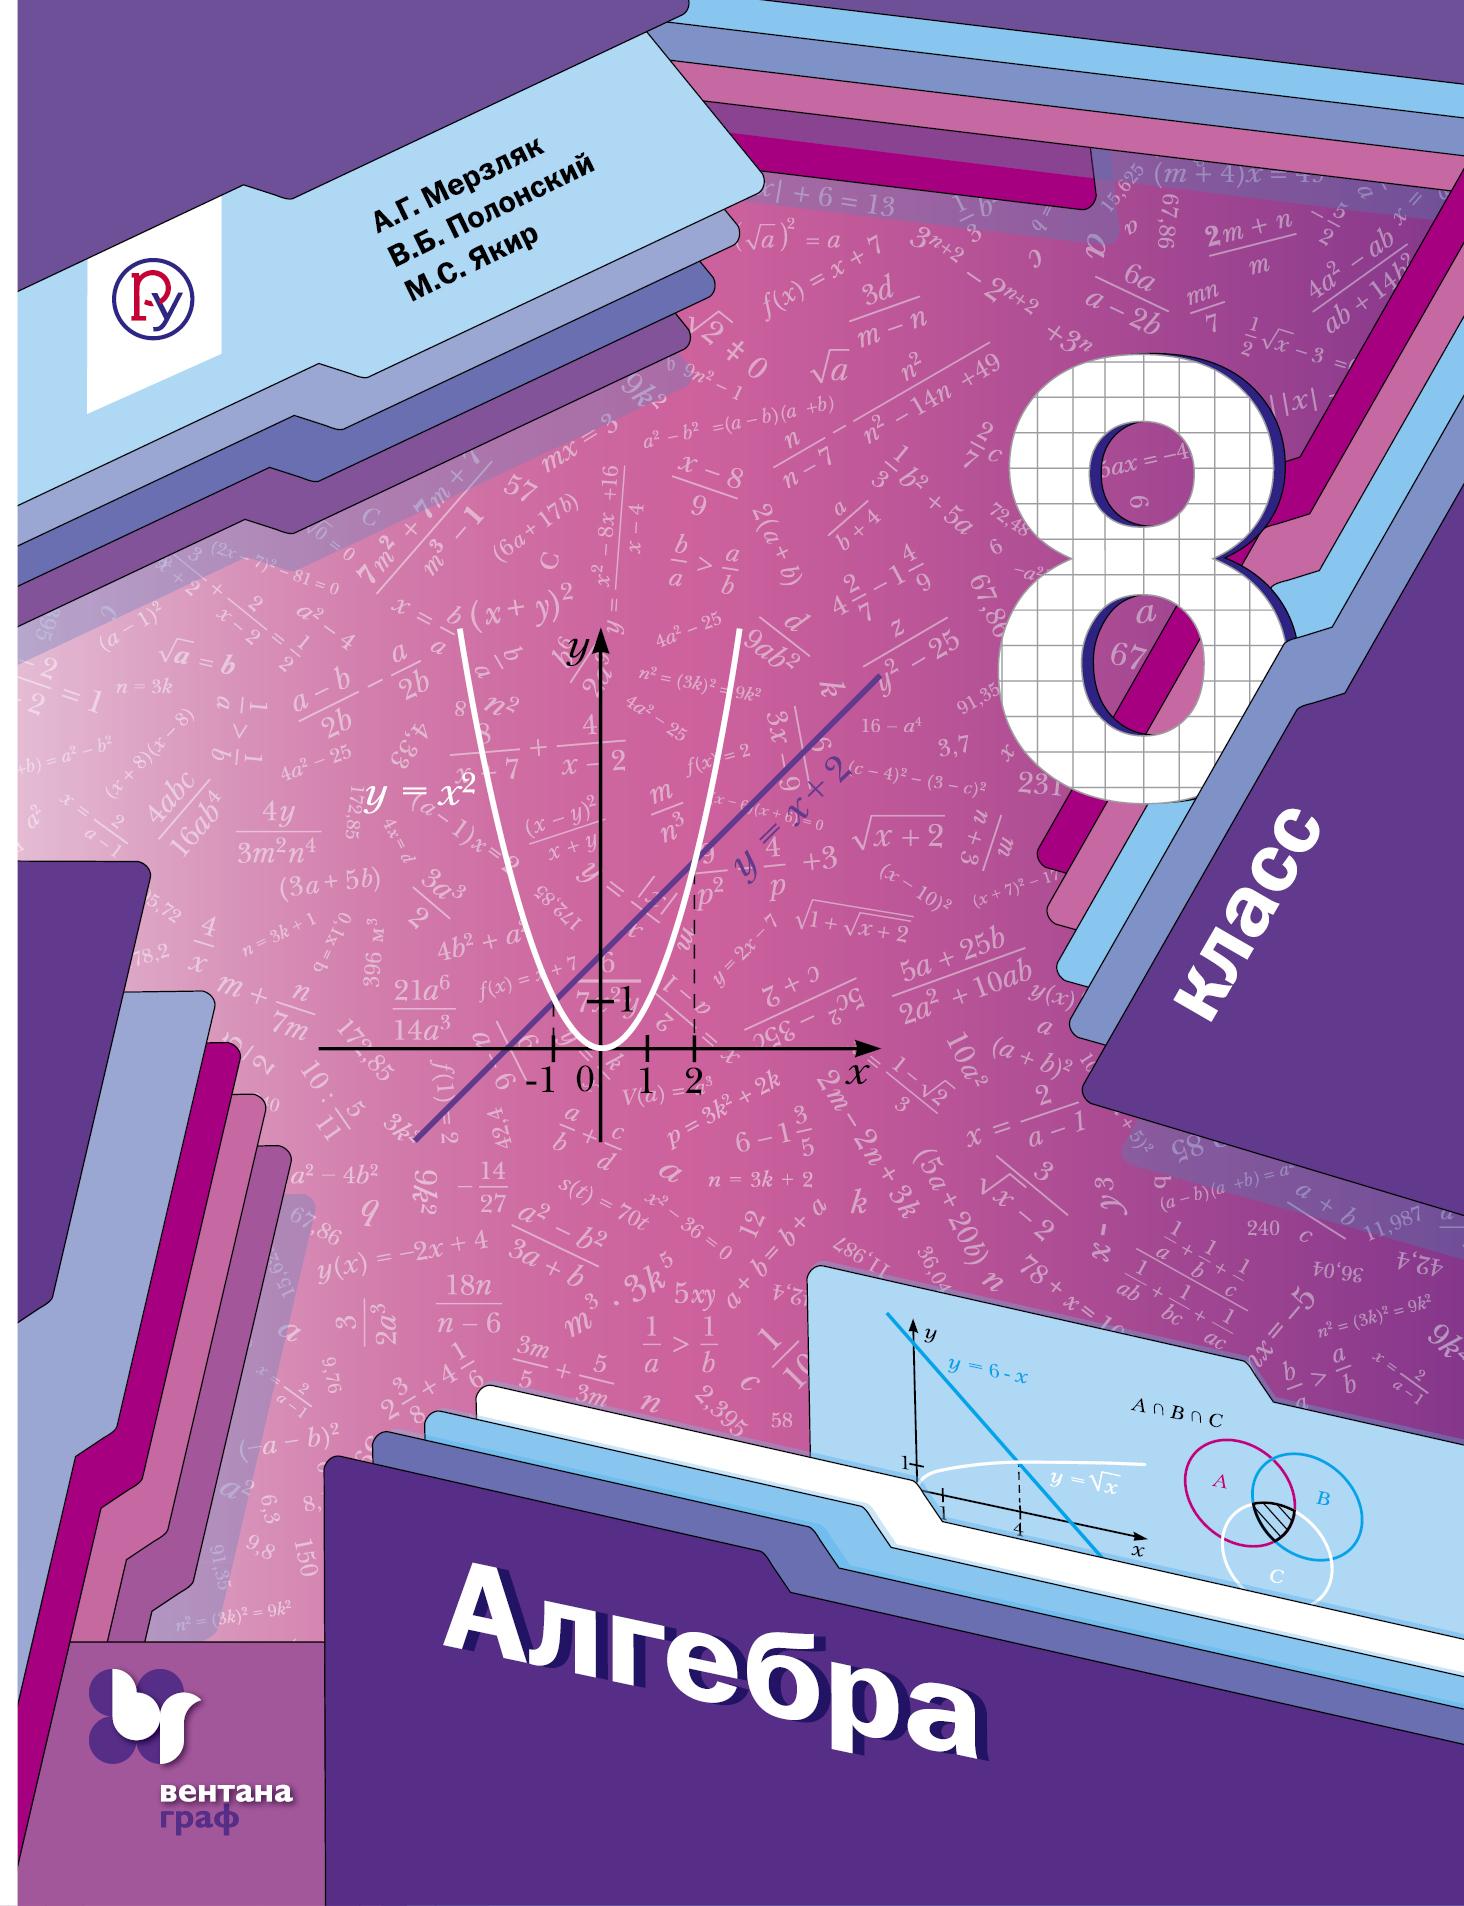 Мерзляк А.Г., Полонский В.Б., Якир М.С. Алгебра. 8класс. Учебник